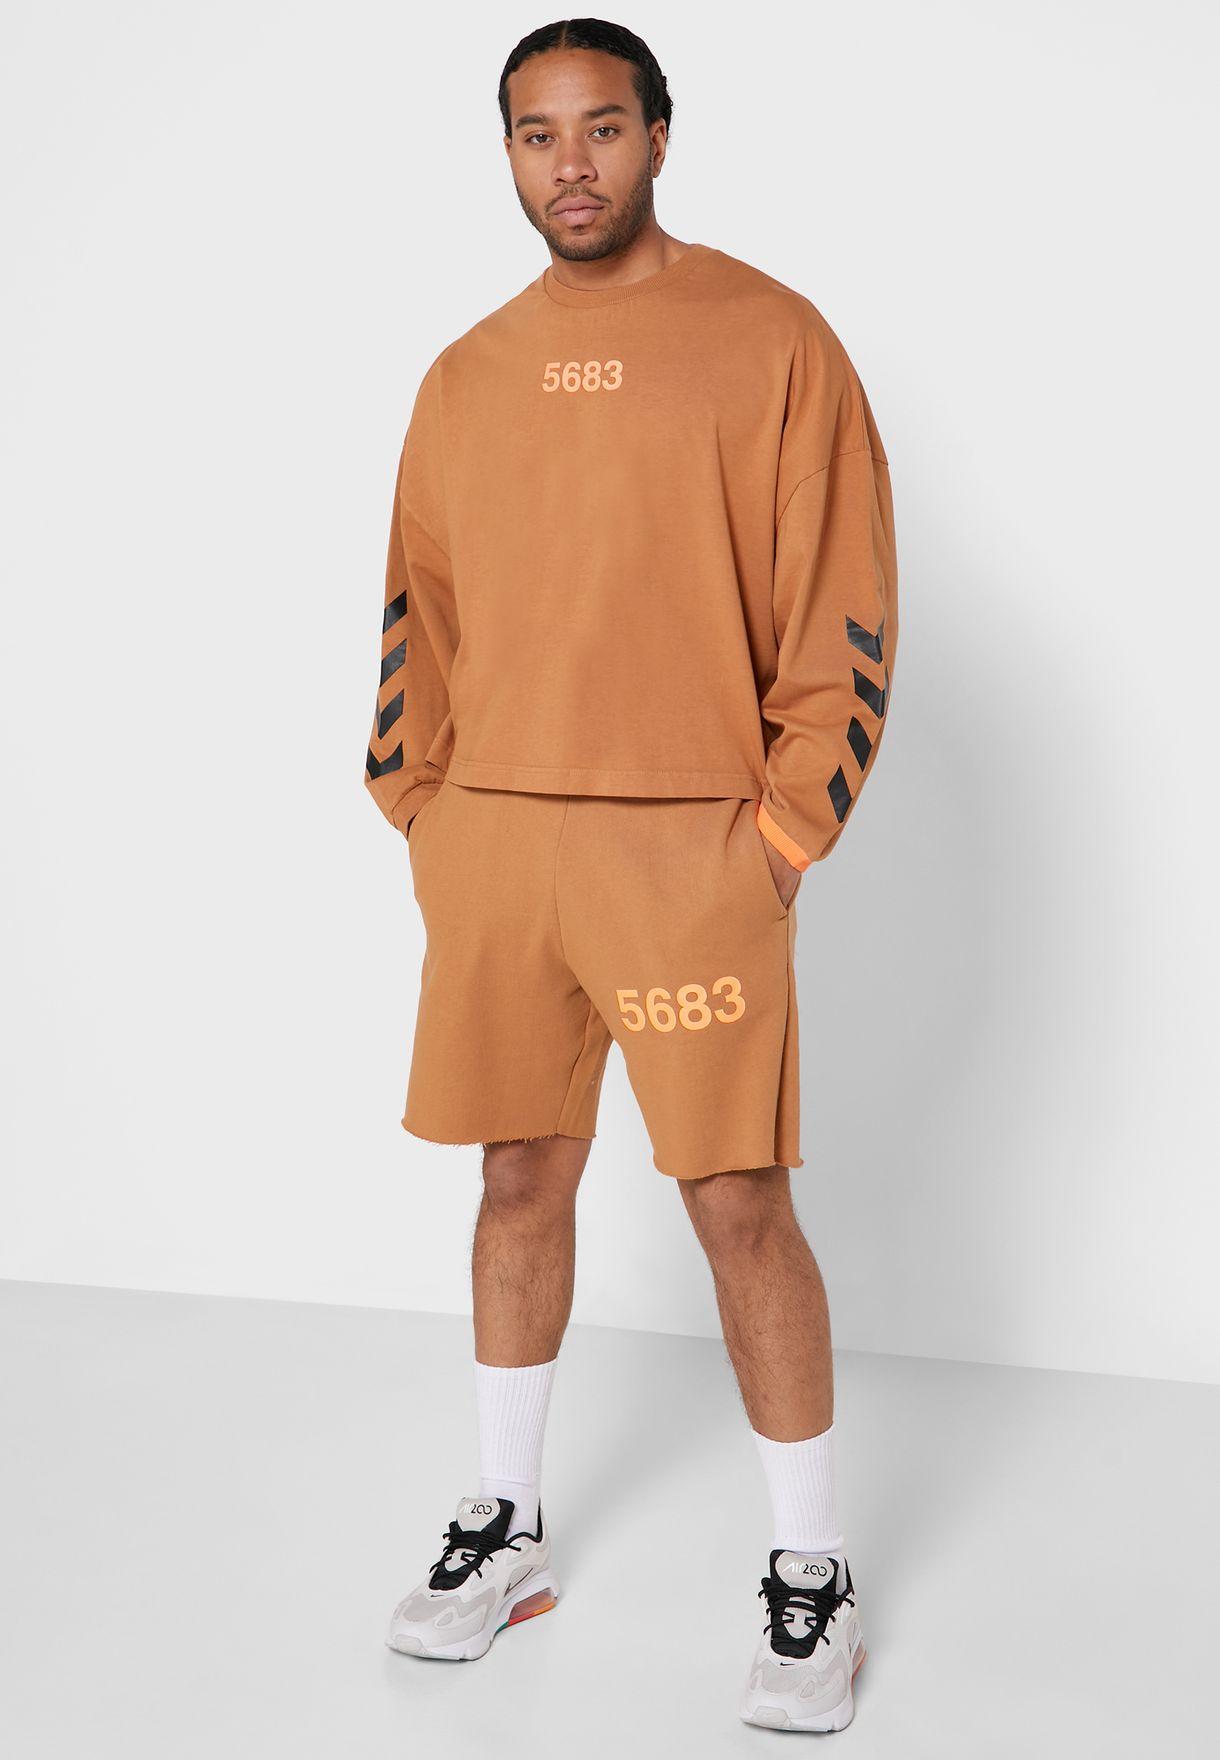 Willy Ruff Neck Shirt